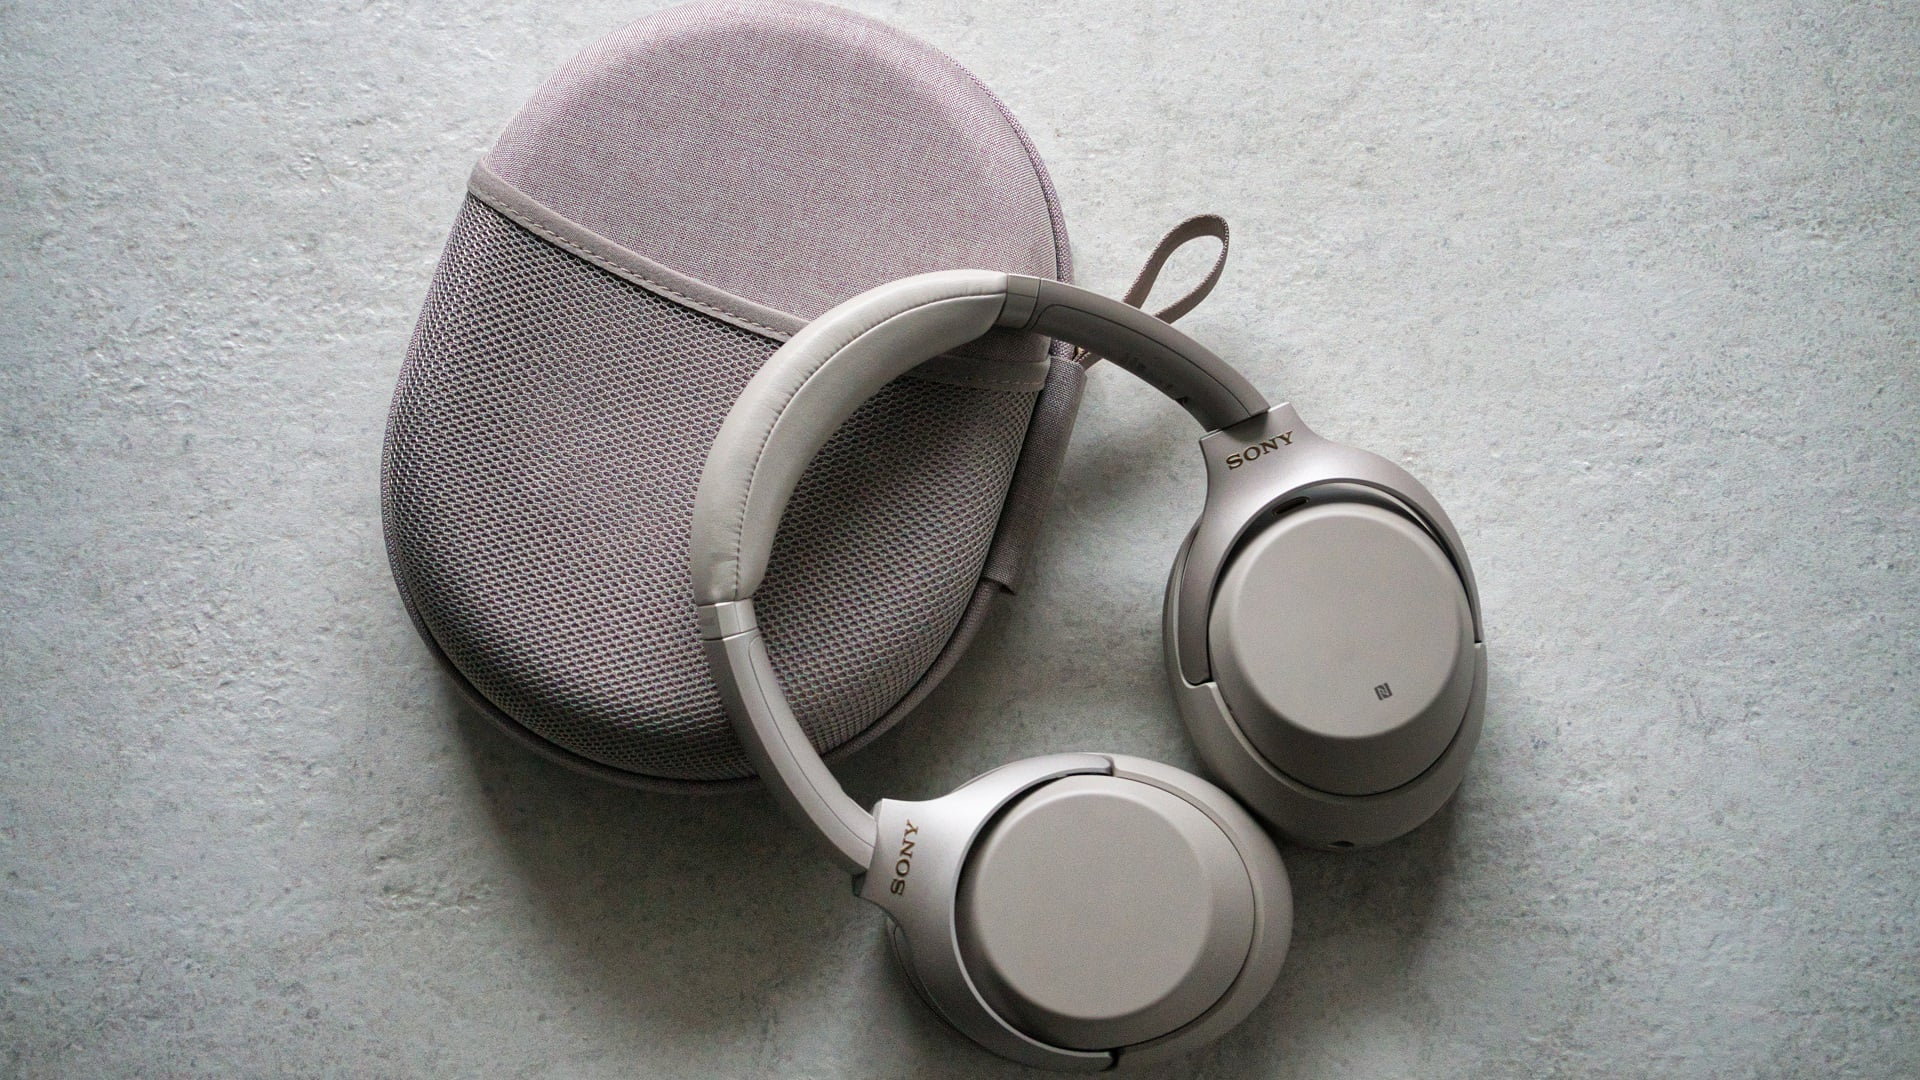 Bezprzewodowe słuchawki Sony WH-1000XM3 w świetnej cenie - brać! 20